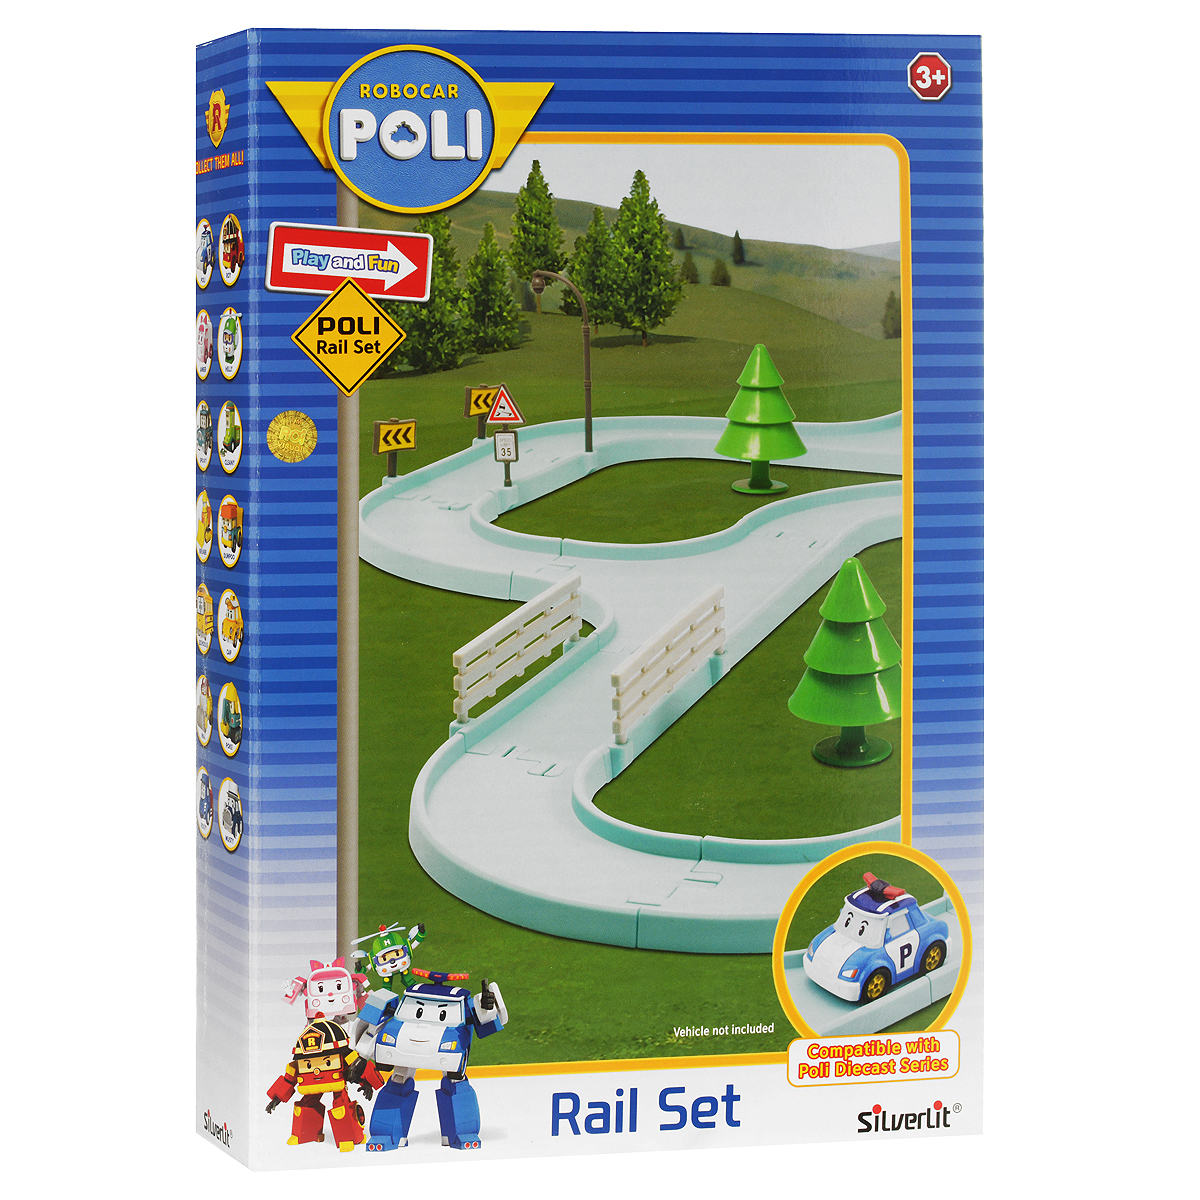 Robocar Poli Игровой набор Большой гоночный трек для металлических машинок